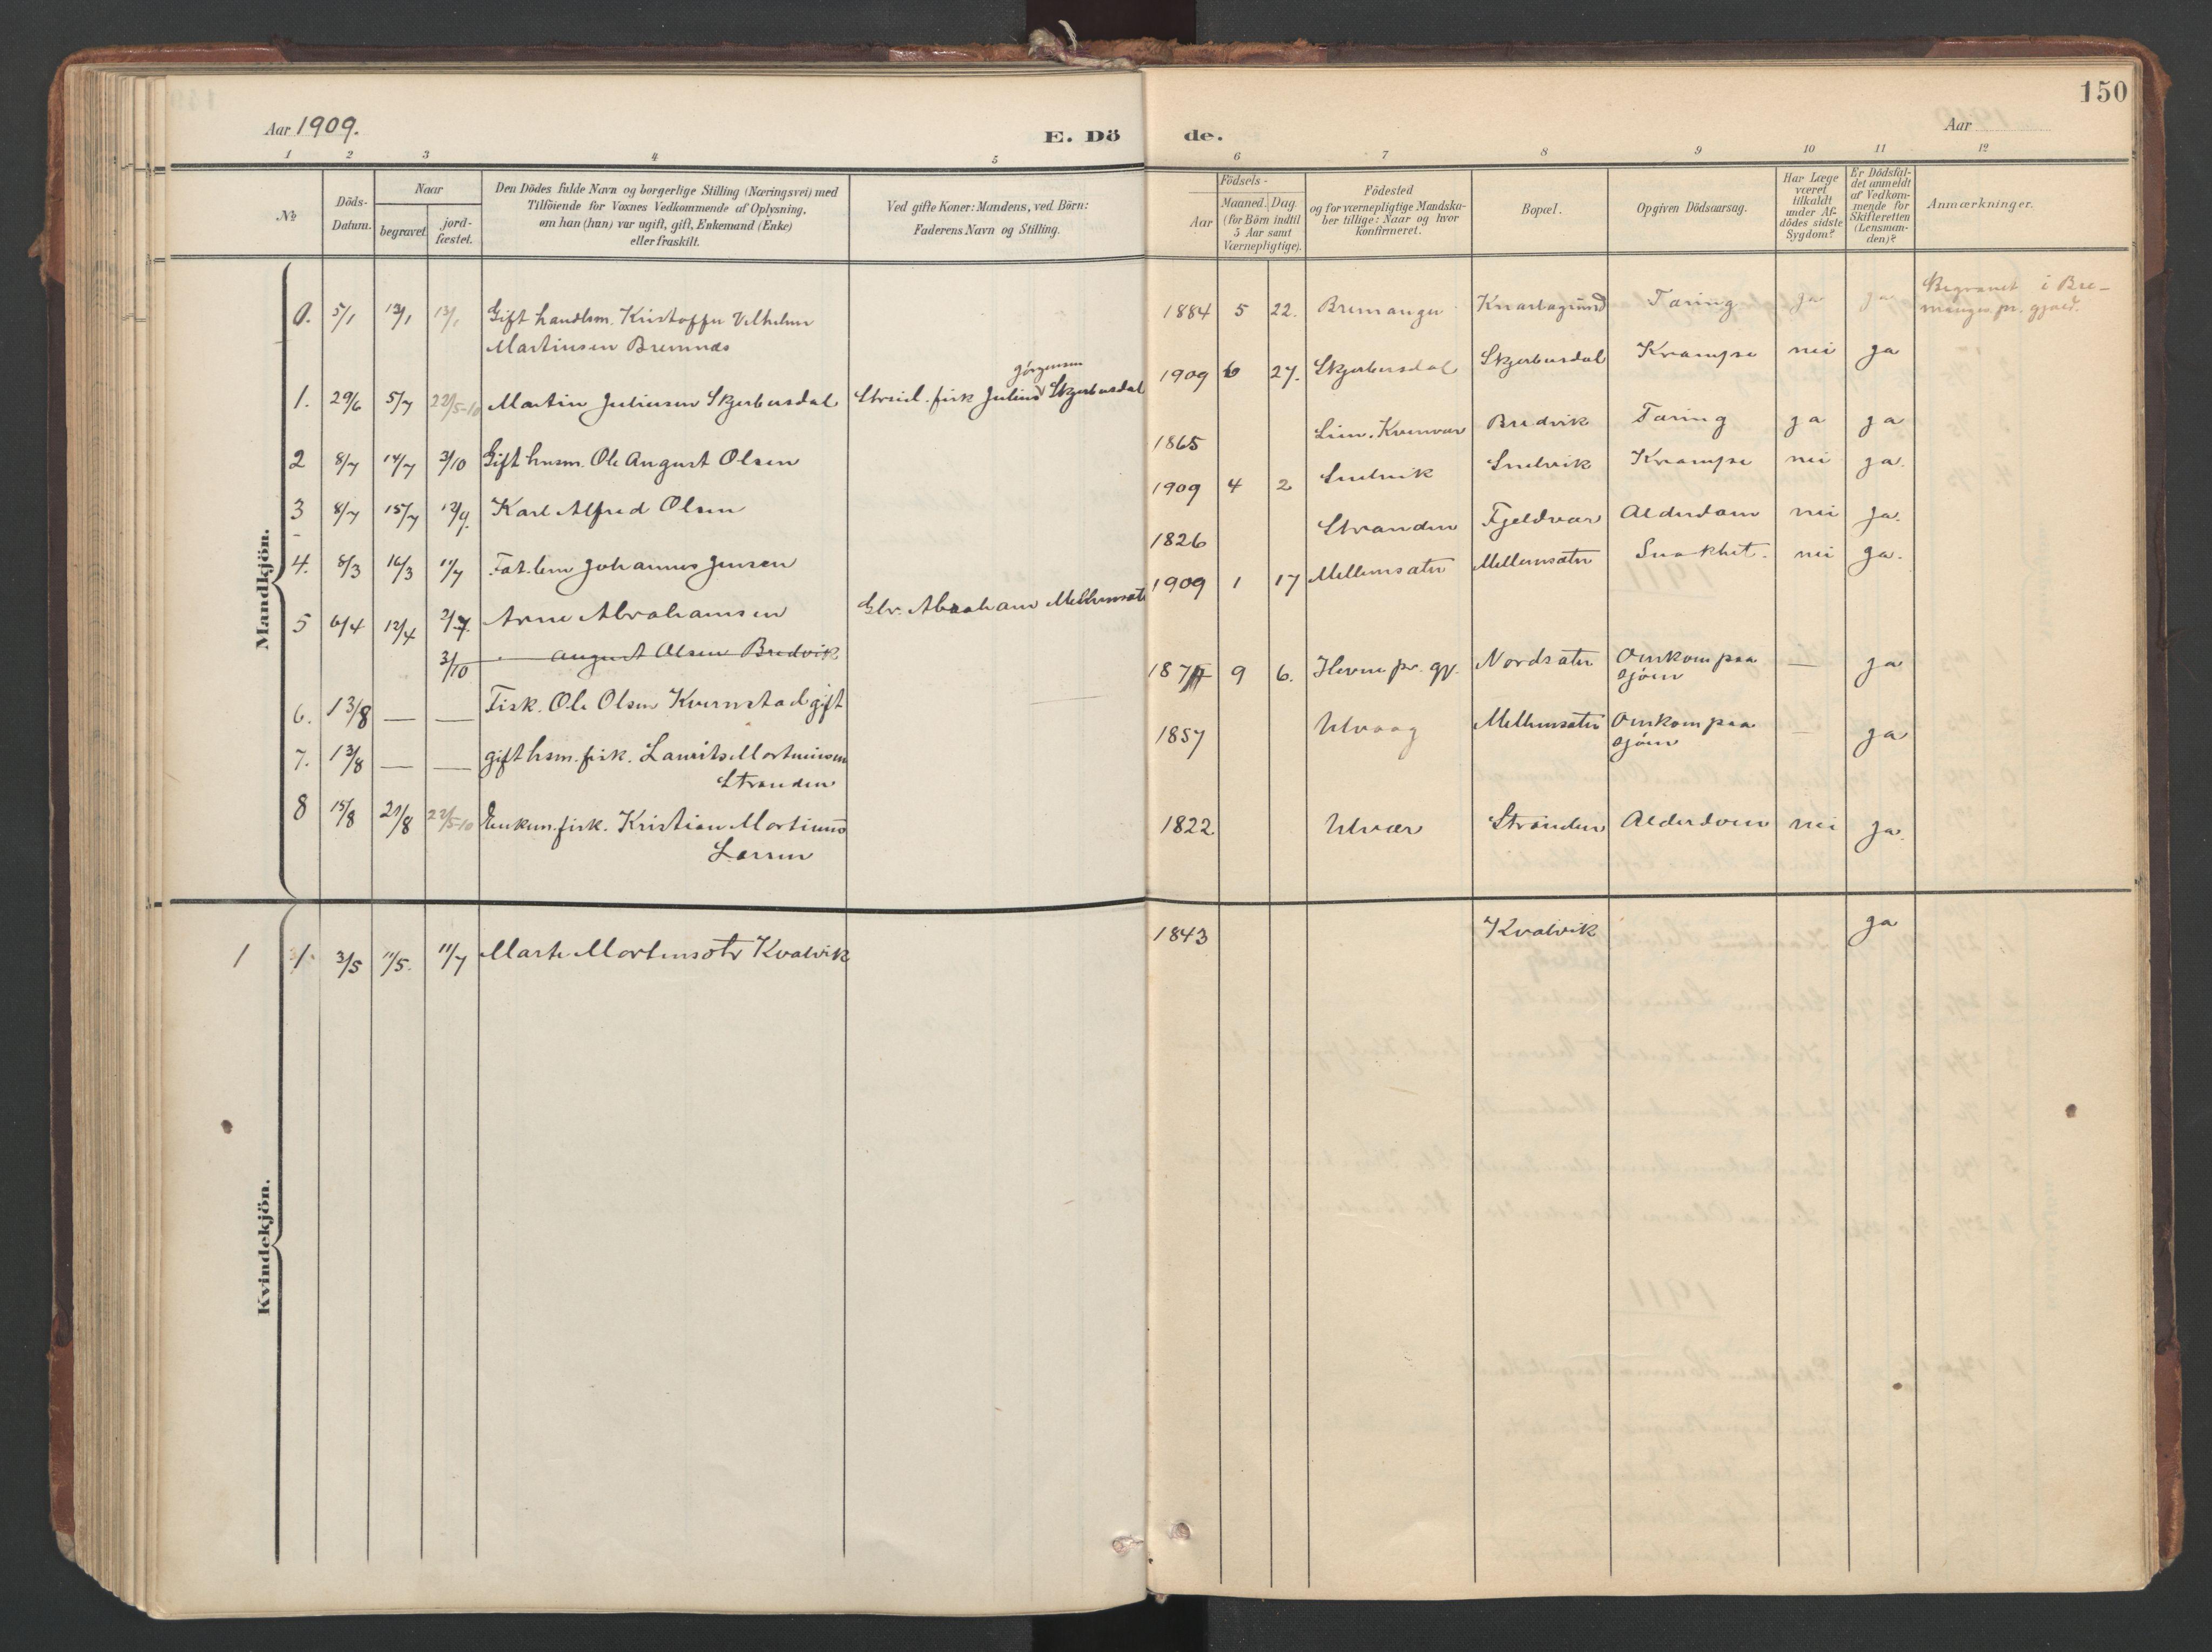 SAT, Ministerialprotokoller, klokkerbøker og fødselsregistre - Sør-Trøndelag, 638/L0568: Ministerialbok nr. 638A01, 1901-1916, s. 150